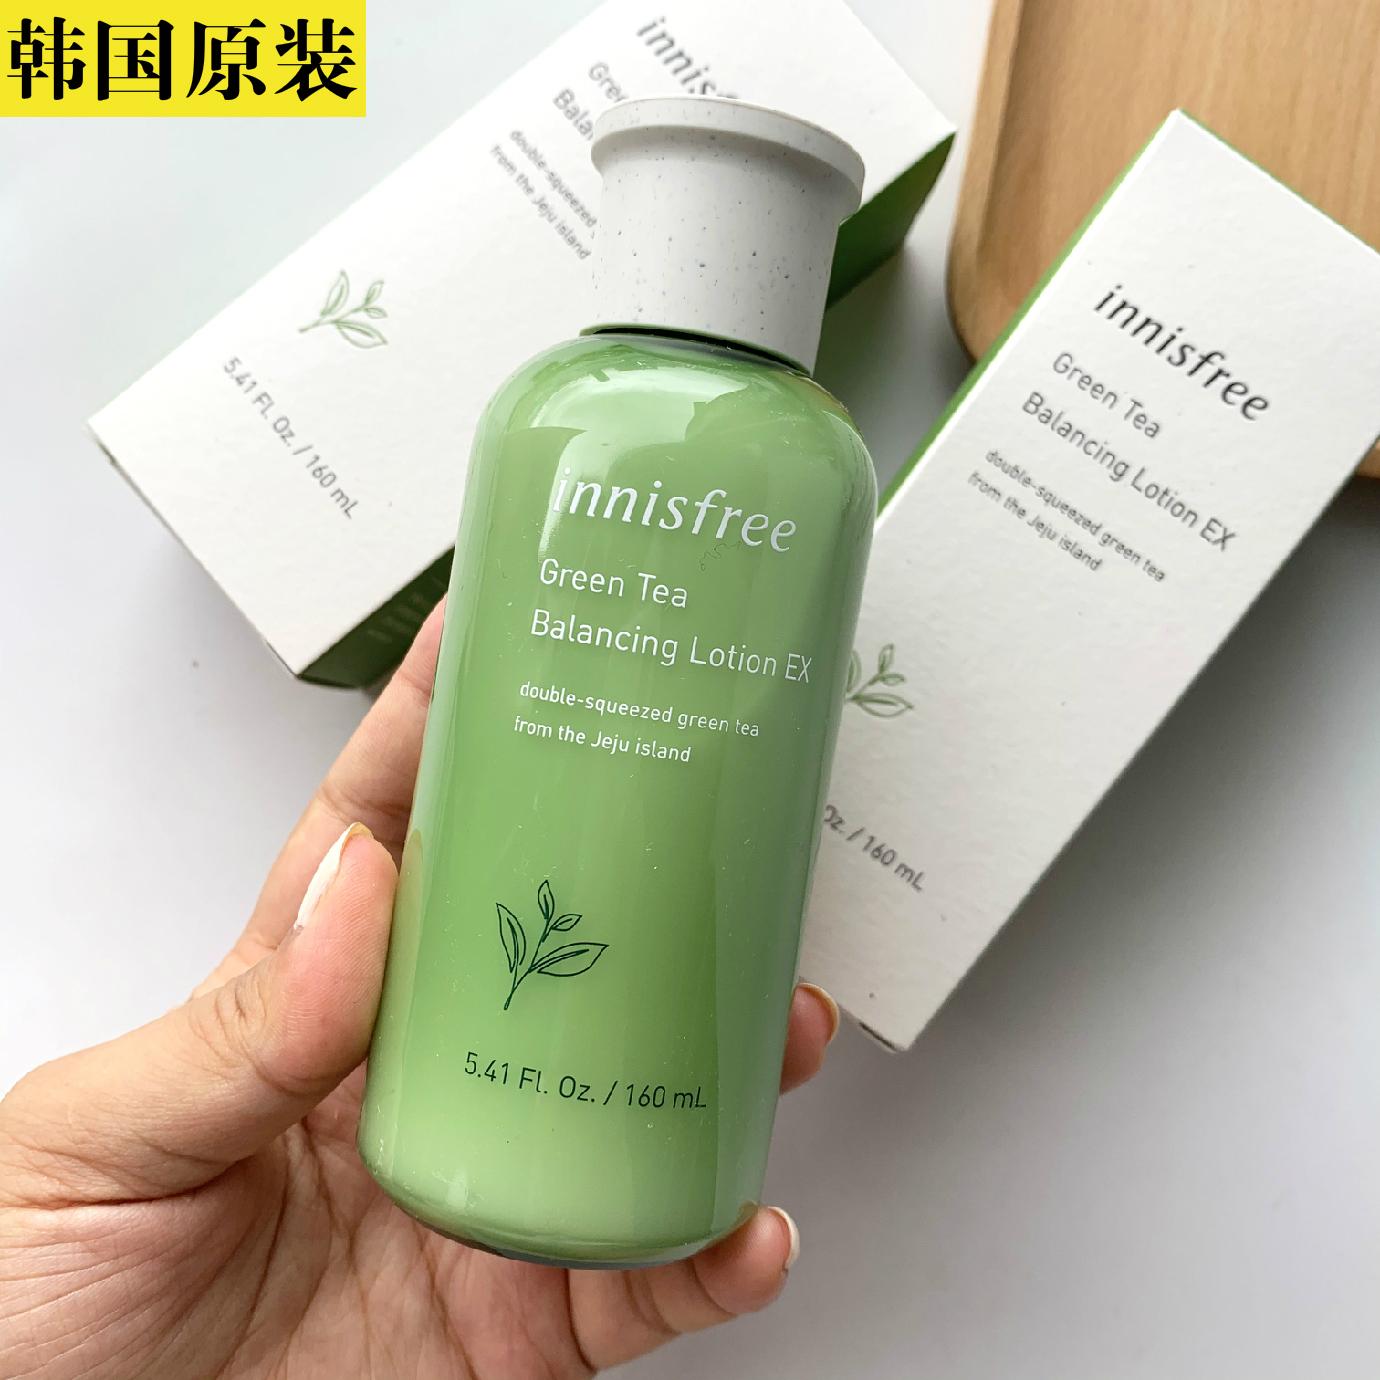 韩国新款Innisfree悦诗风吟绿茶乳液160ml 平衡型清爽保湿不油腻图片